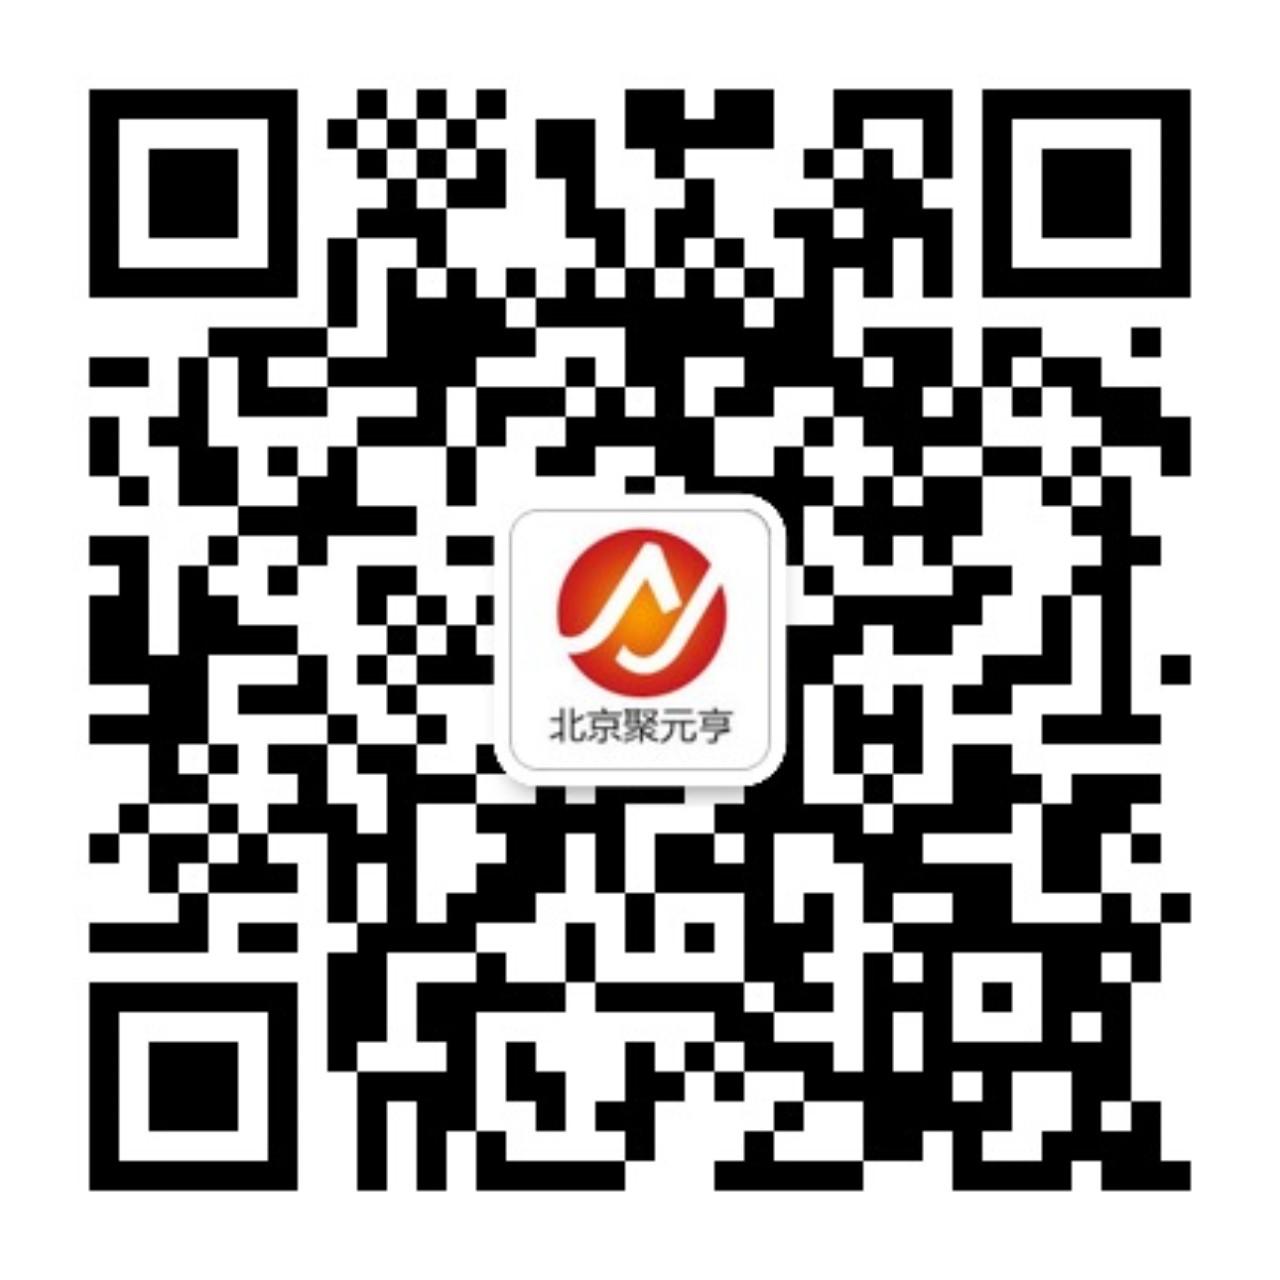 正版软件商城聚元亨